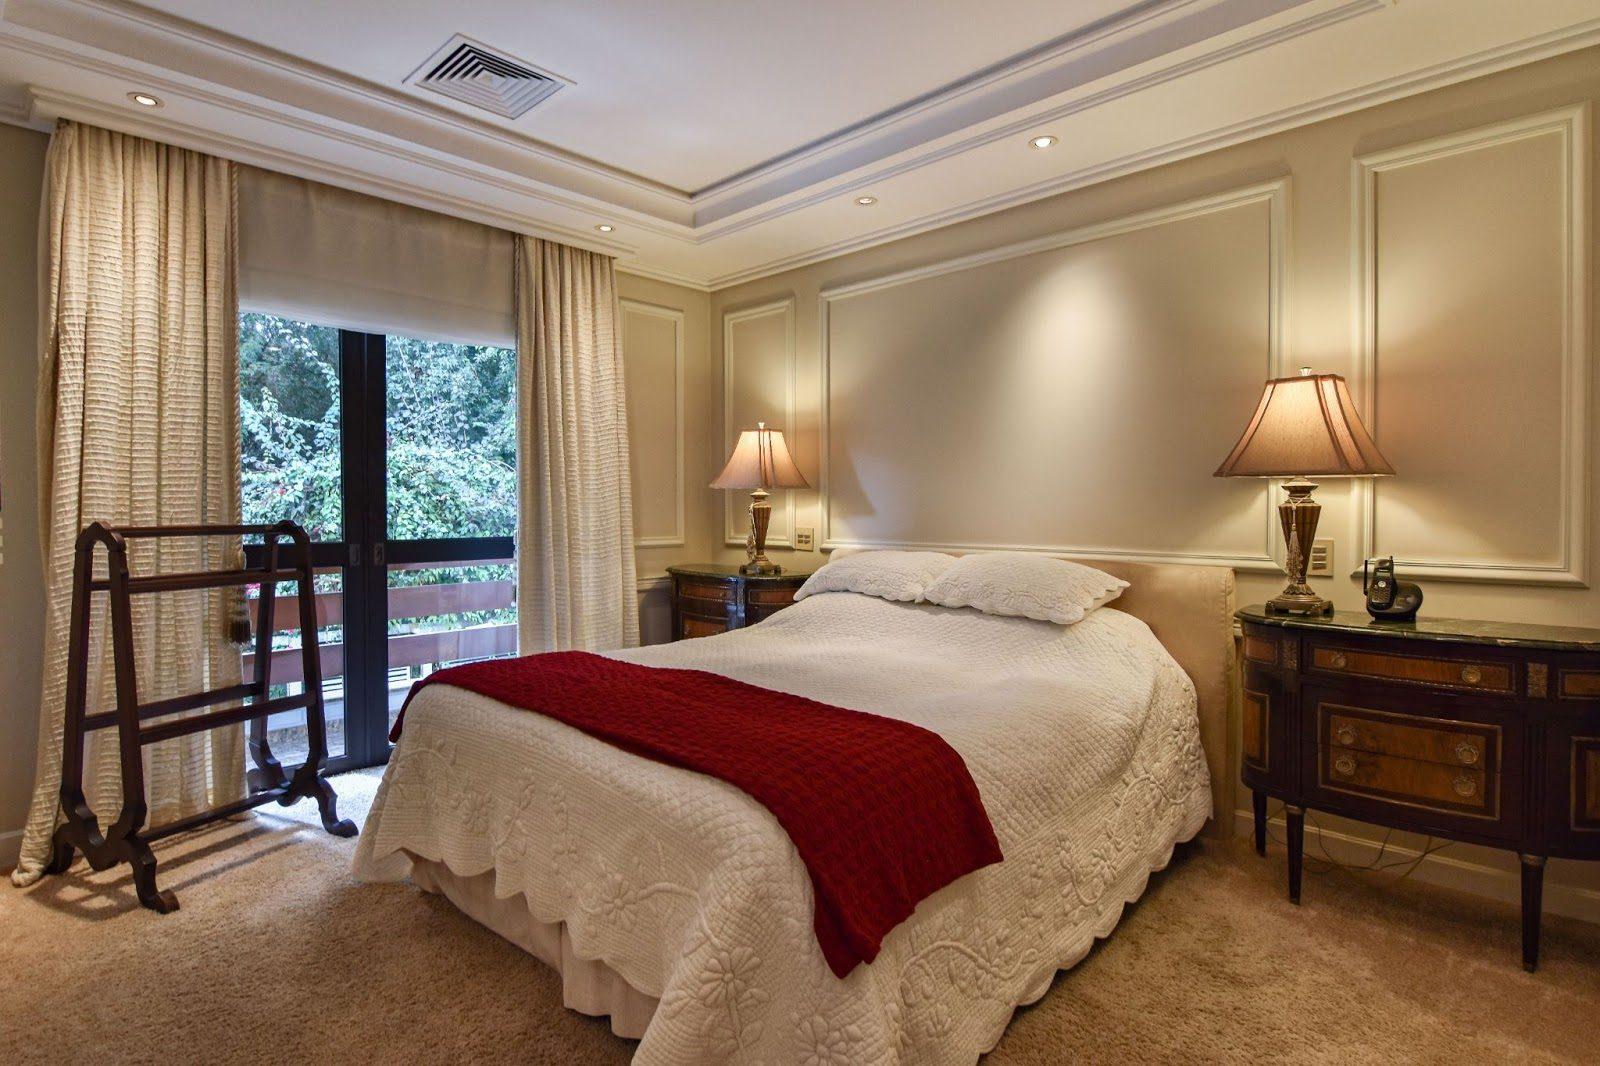 quarto com boiserie e decoração clássica